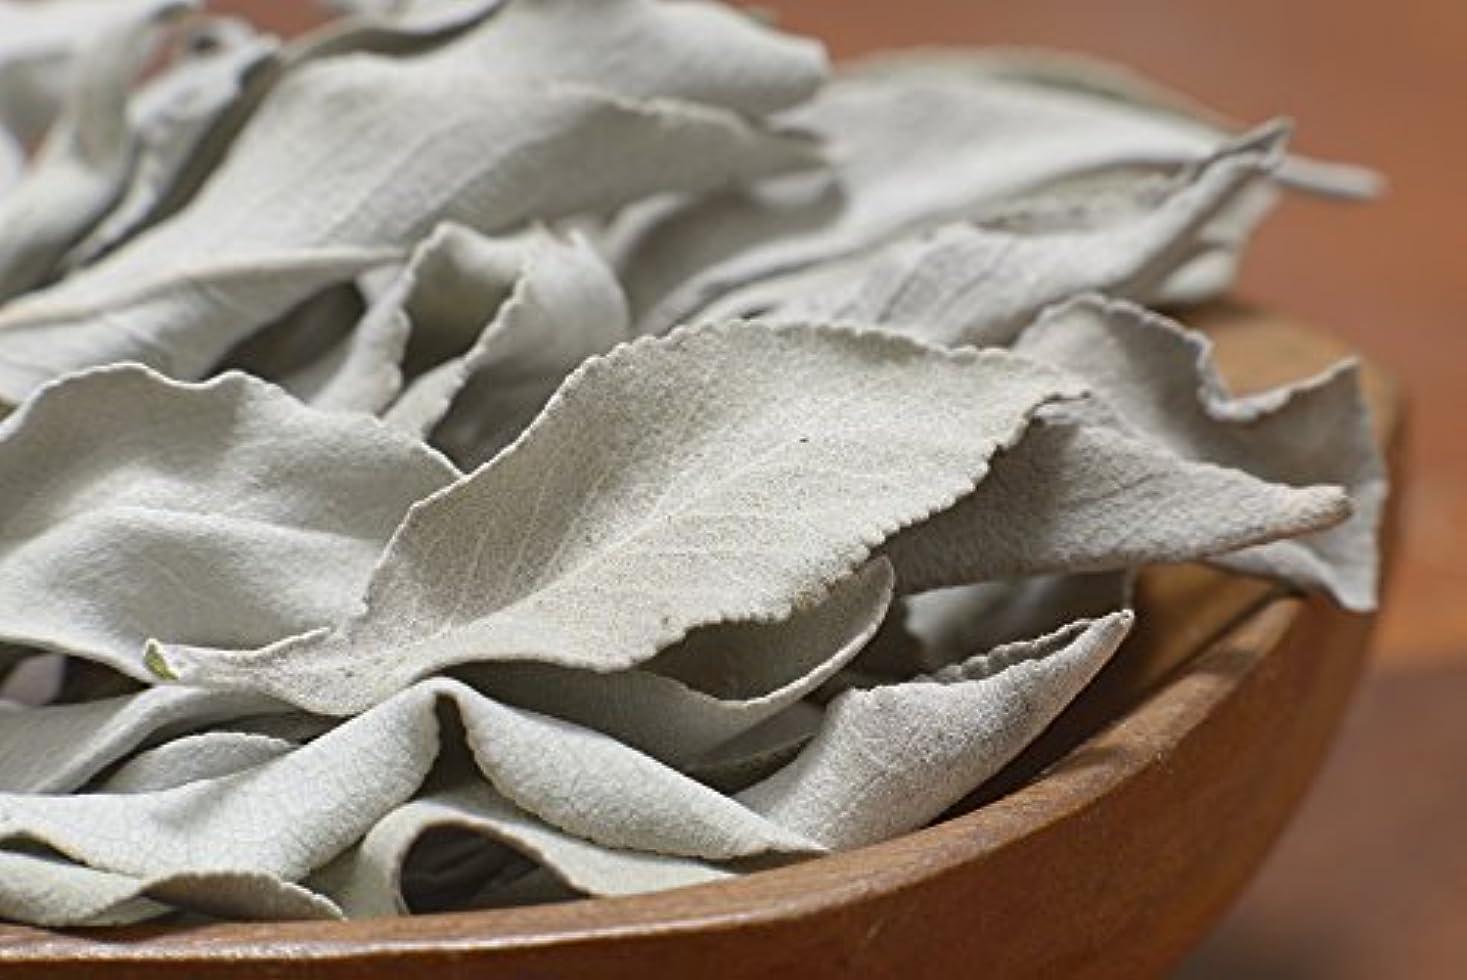 カメラ安定しました綺麗な最高級カリフォルニア産オーガニック ホワイトセージ 50g入り (葉+茎タイプ) 無農薬栽培 浄化用 スマッジング用として